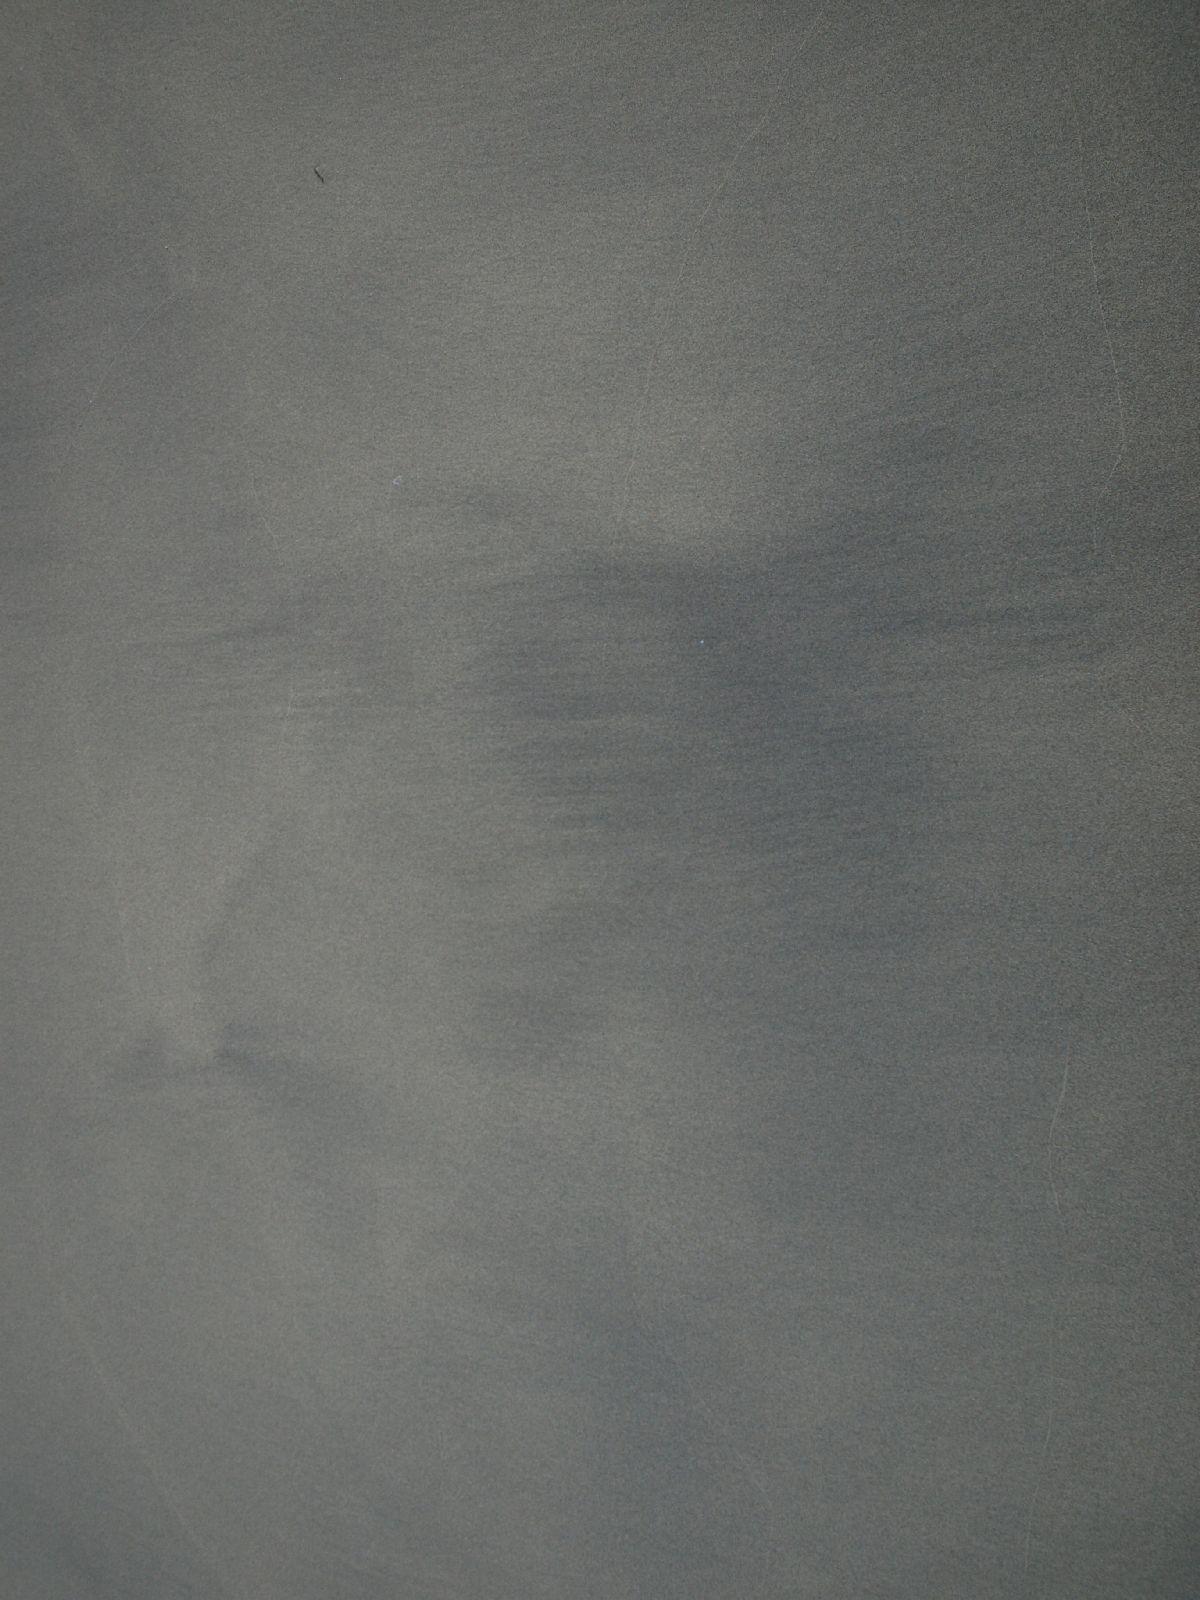 Boden-Erde-Steine_Textur_A_P5254969